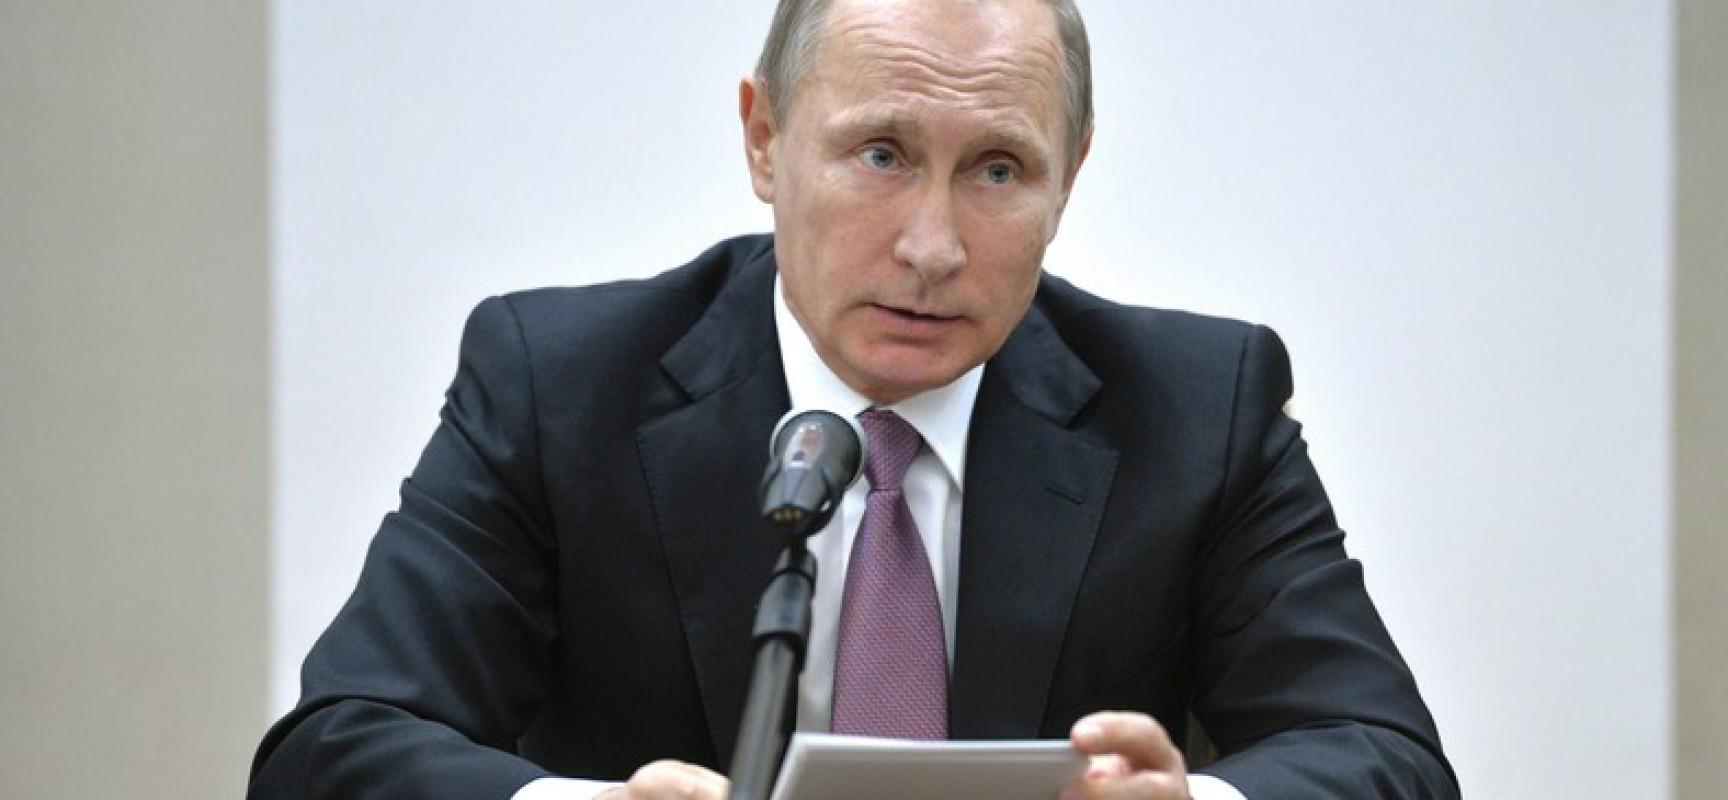 Poutine : le crash de l'avion russe est un coup dans le dos (MAJ)